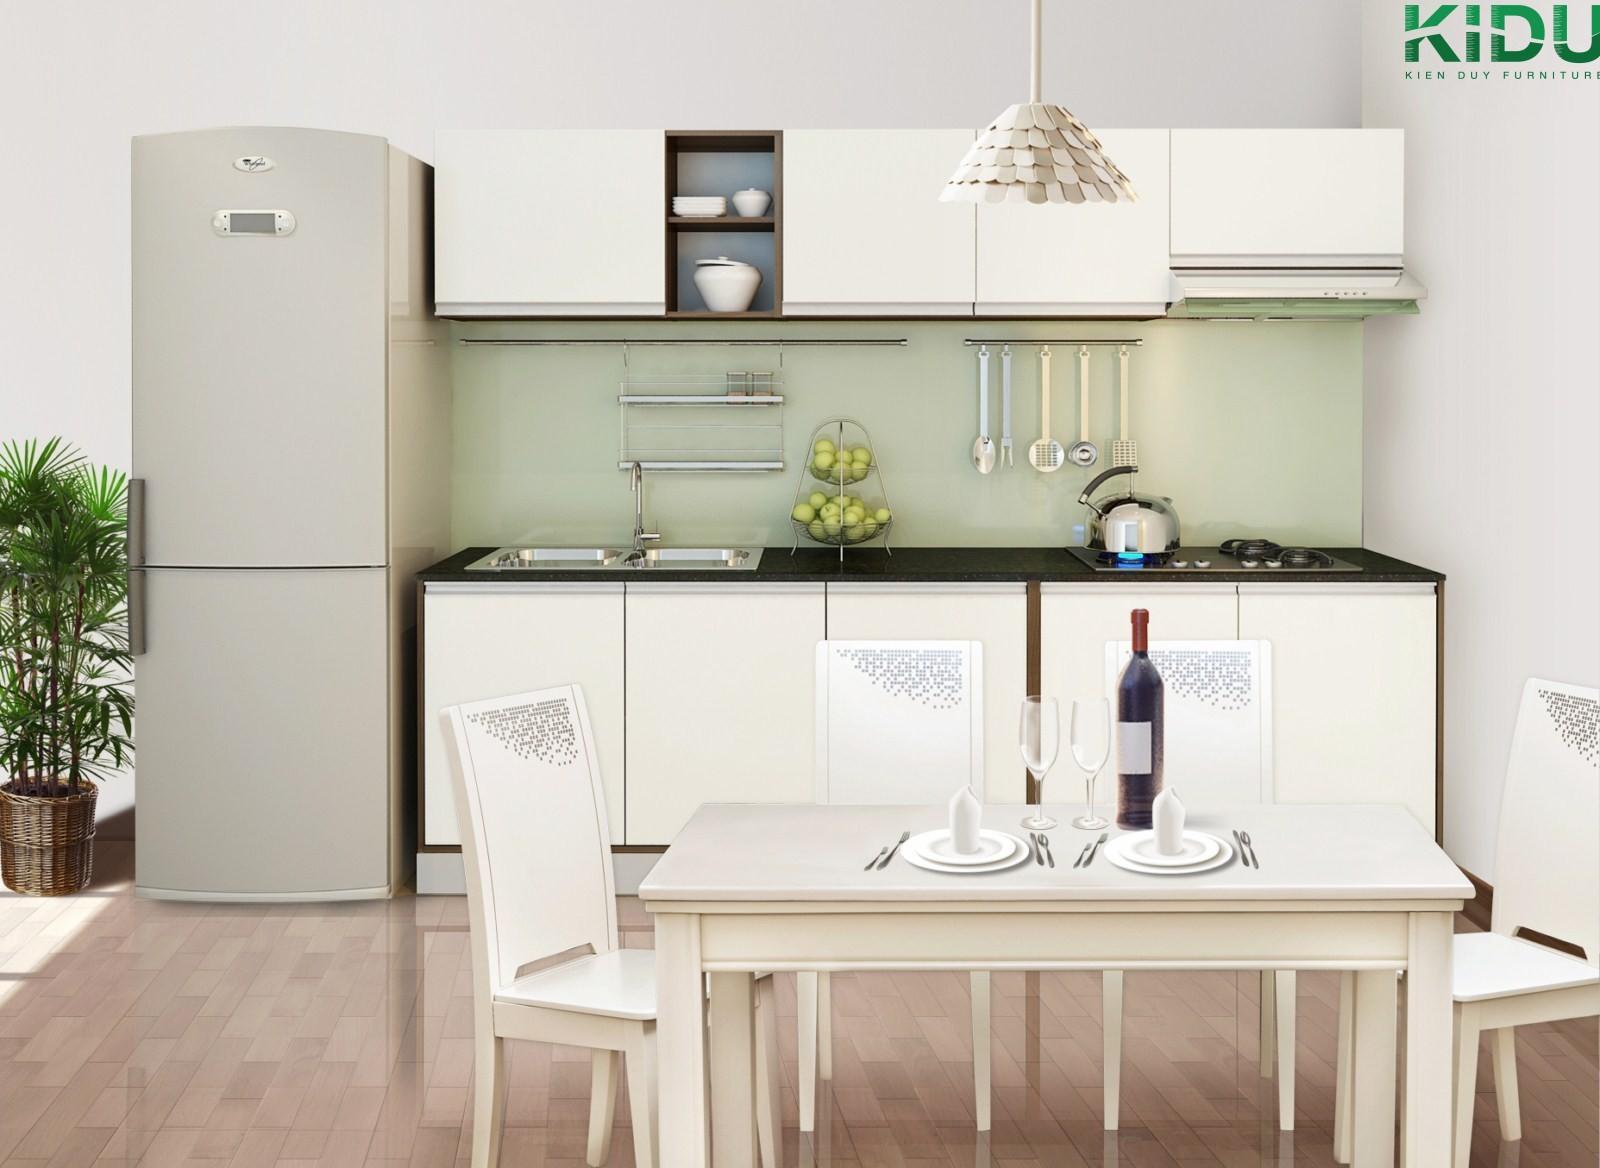 Tủ bếp được thiết kế hài hoà với cả căn bếp